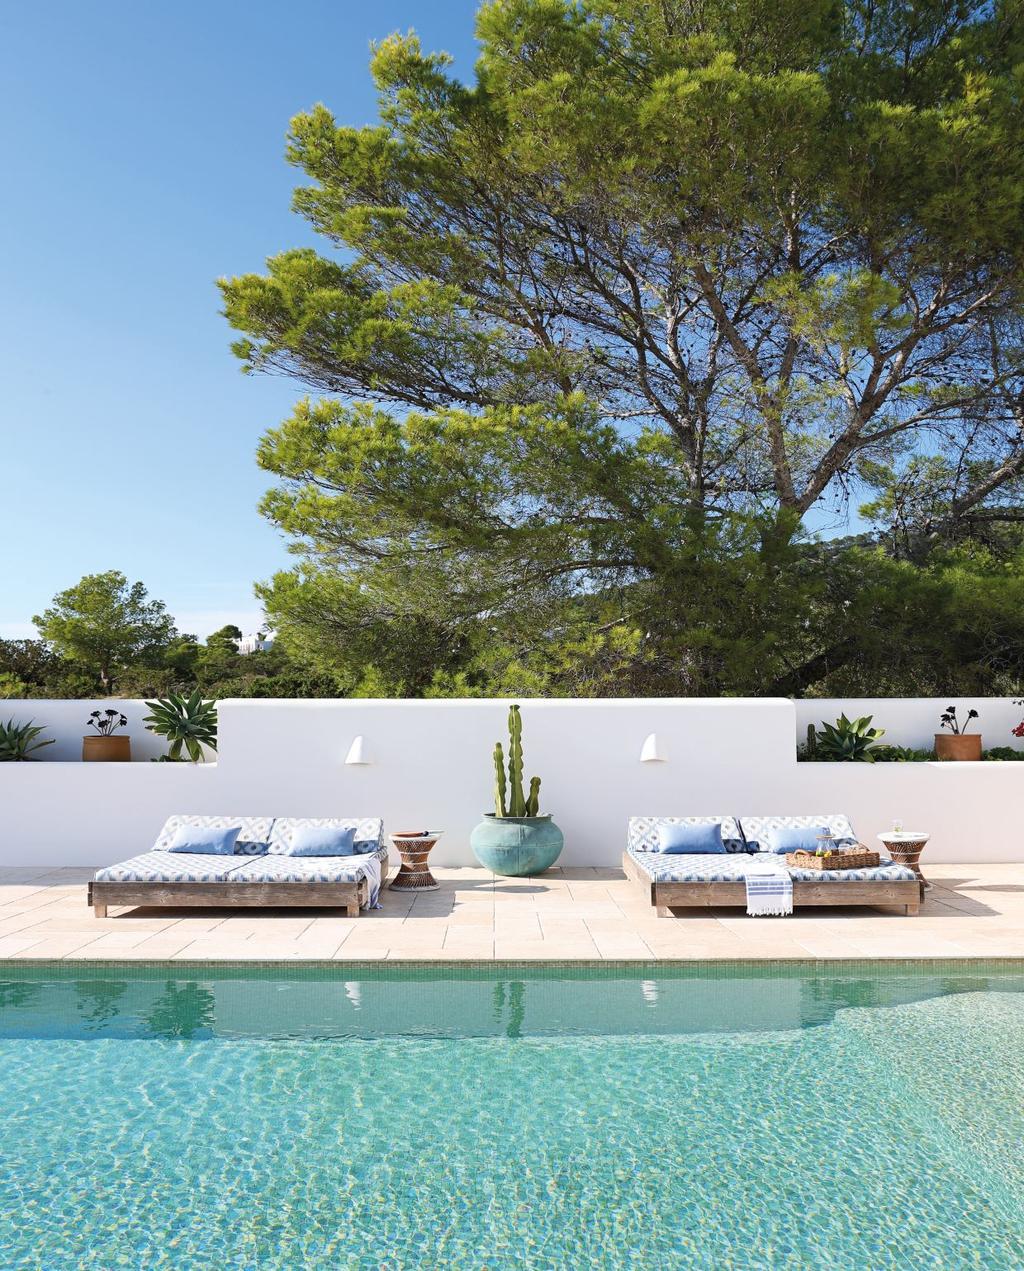 vtwonen 08-2020 | bk buitenland ibiza zwembad met loungebedden